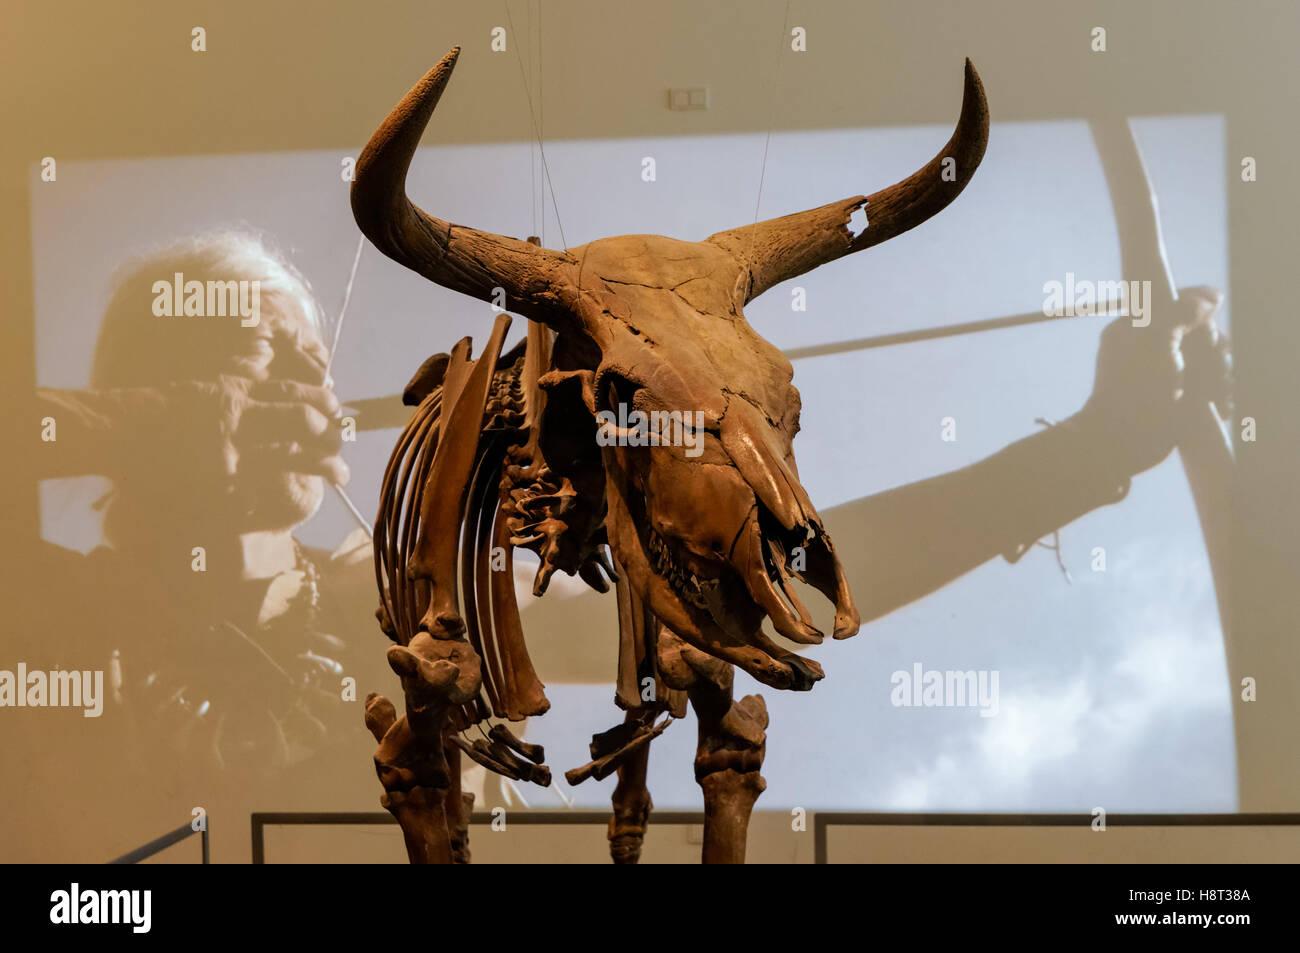 Exposición de un aurochs esqueleto encontrado en una turbera en el oeste de Zelanda, 8600BC, el Museo Nacional de Dinamarca en Copenhague, Dinamarca Foto de stock